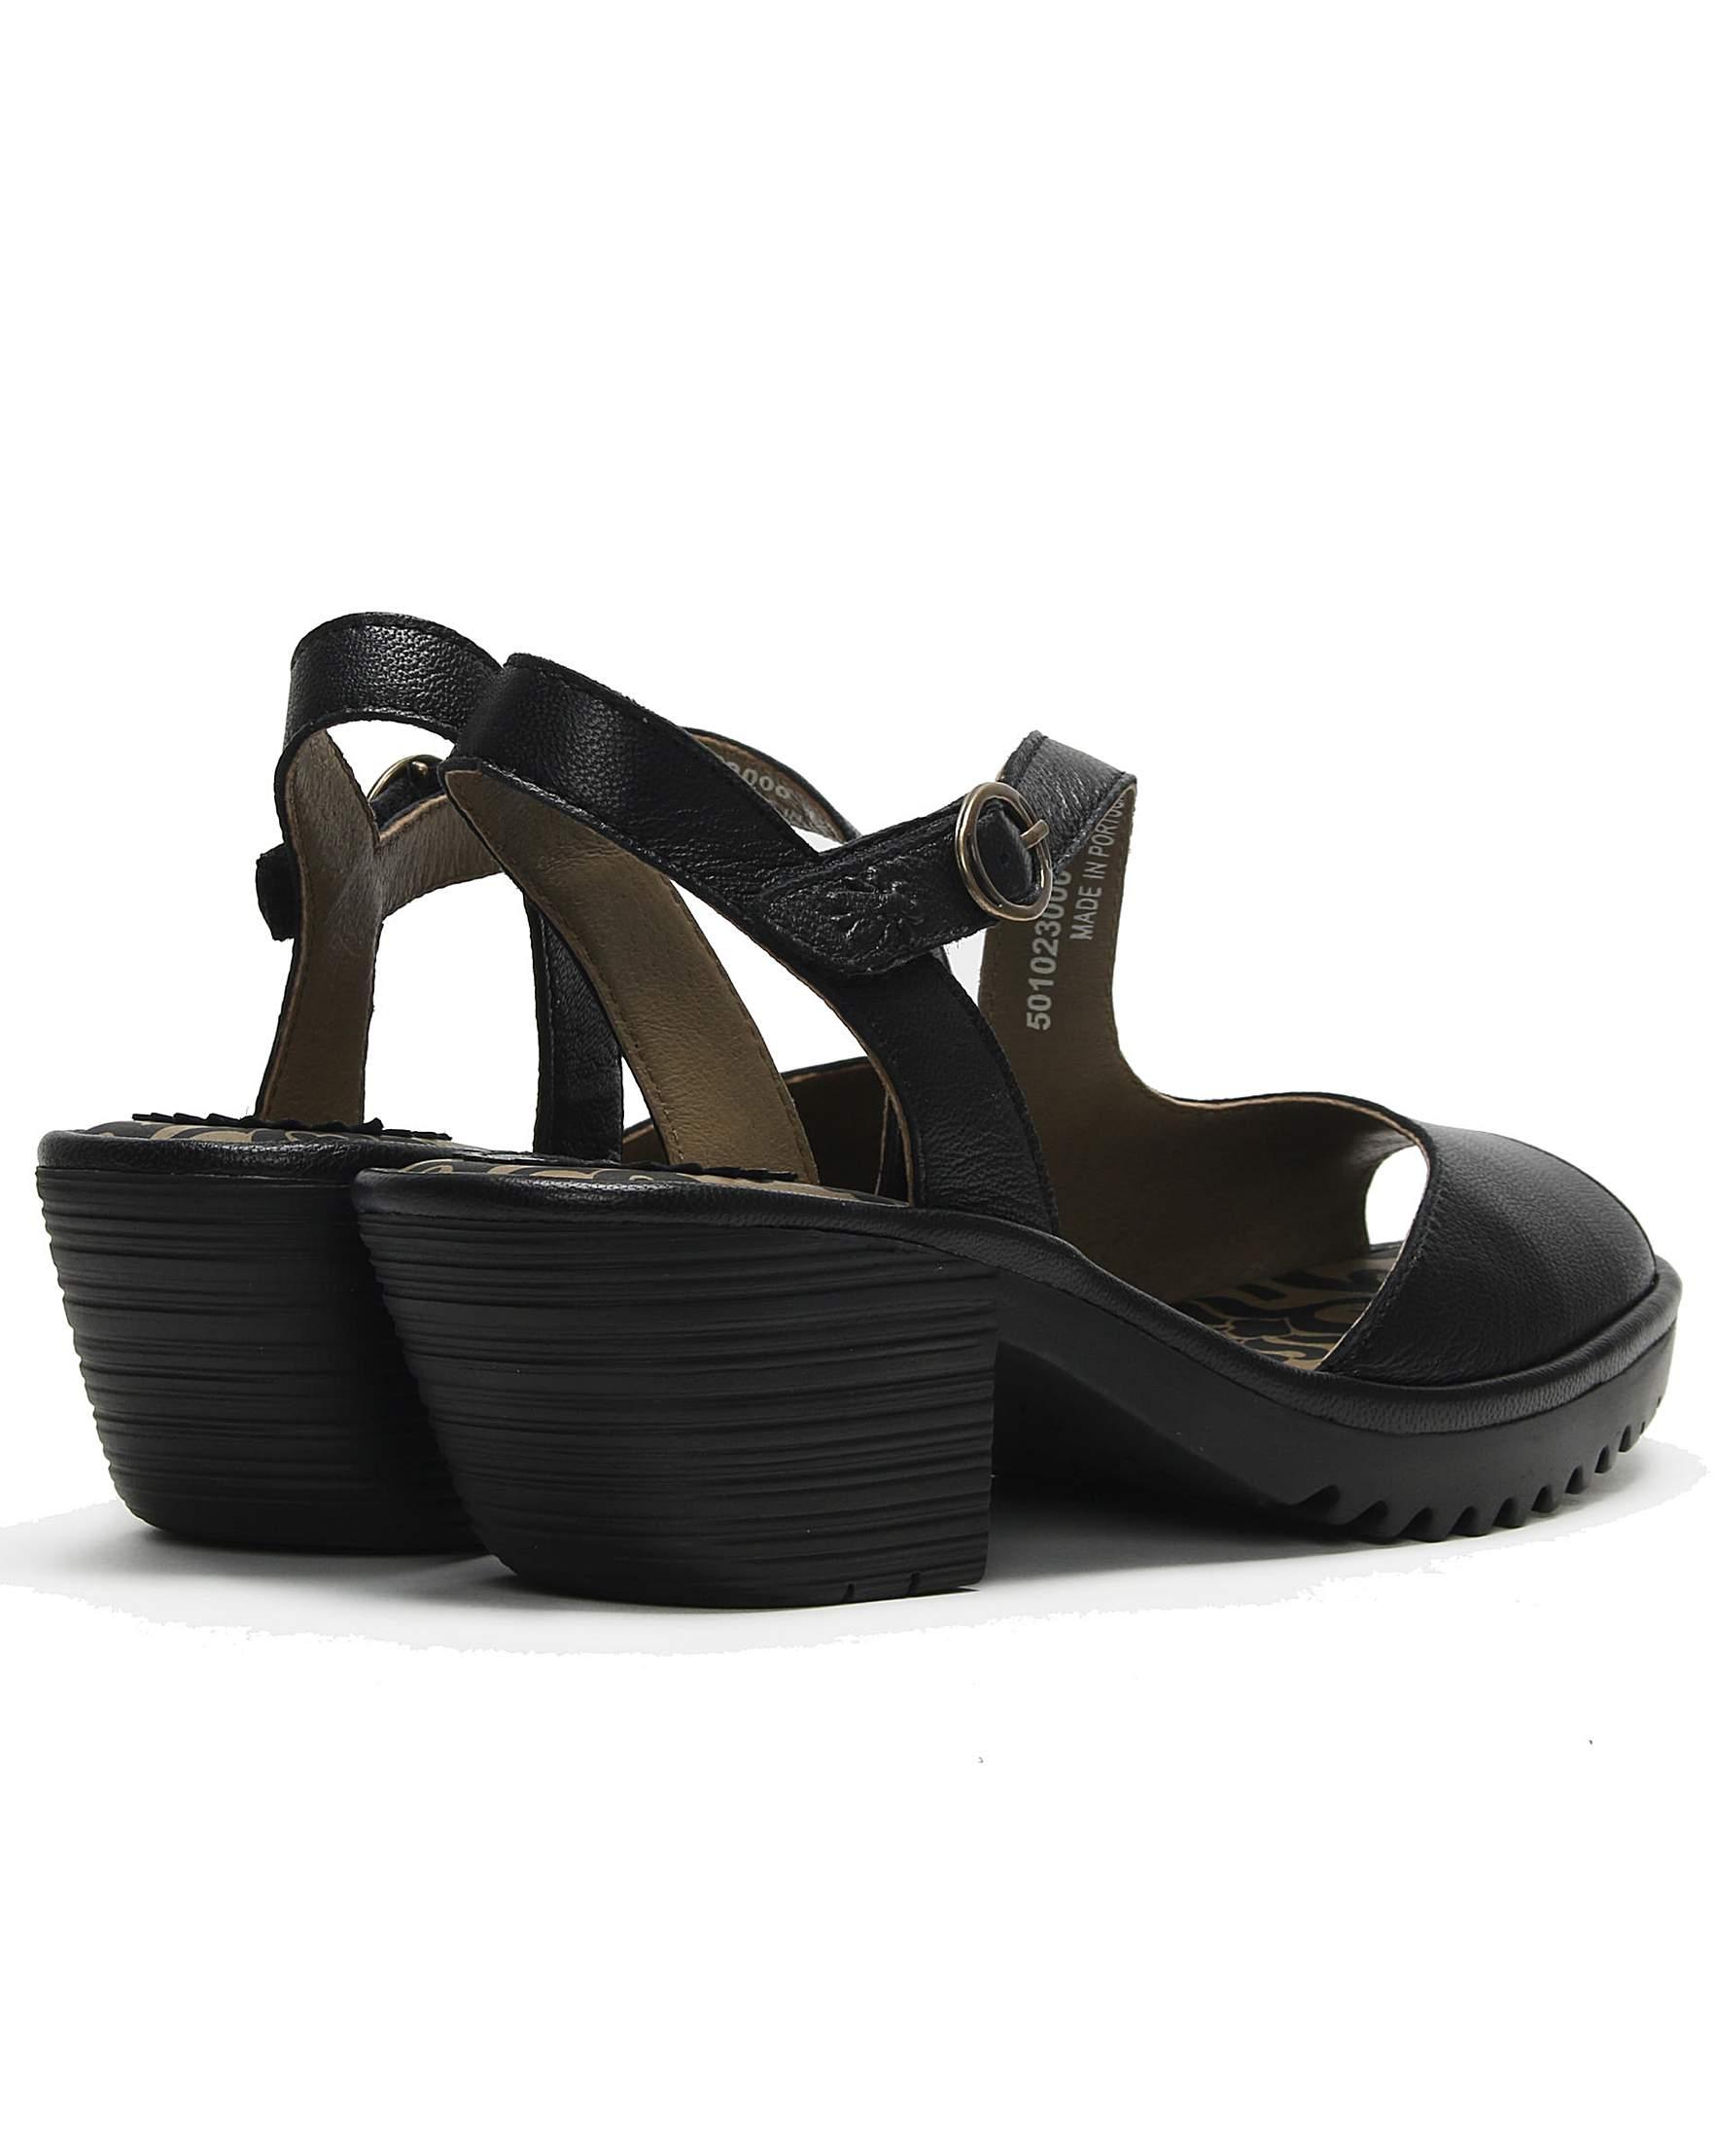 a9716a1492 Fly London Wyno Asymmetric Sandals | Premier Man